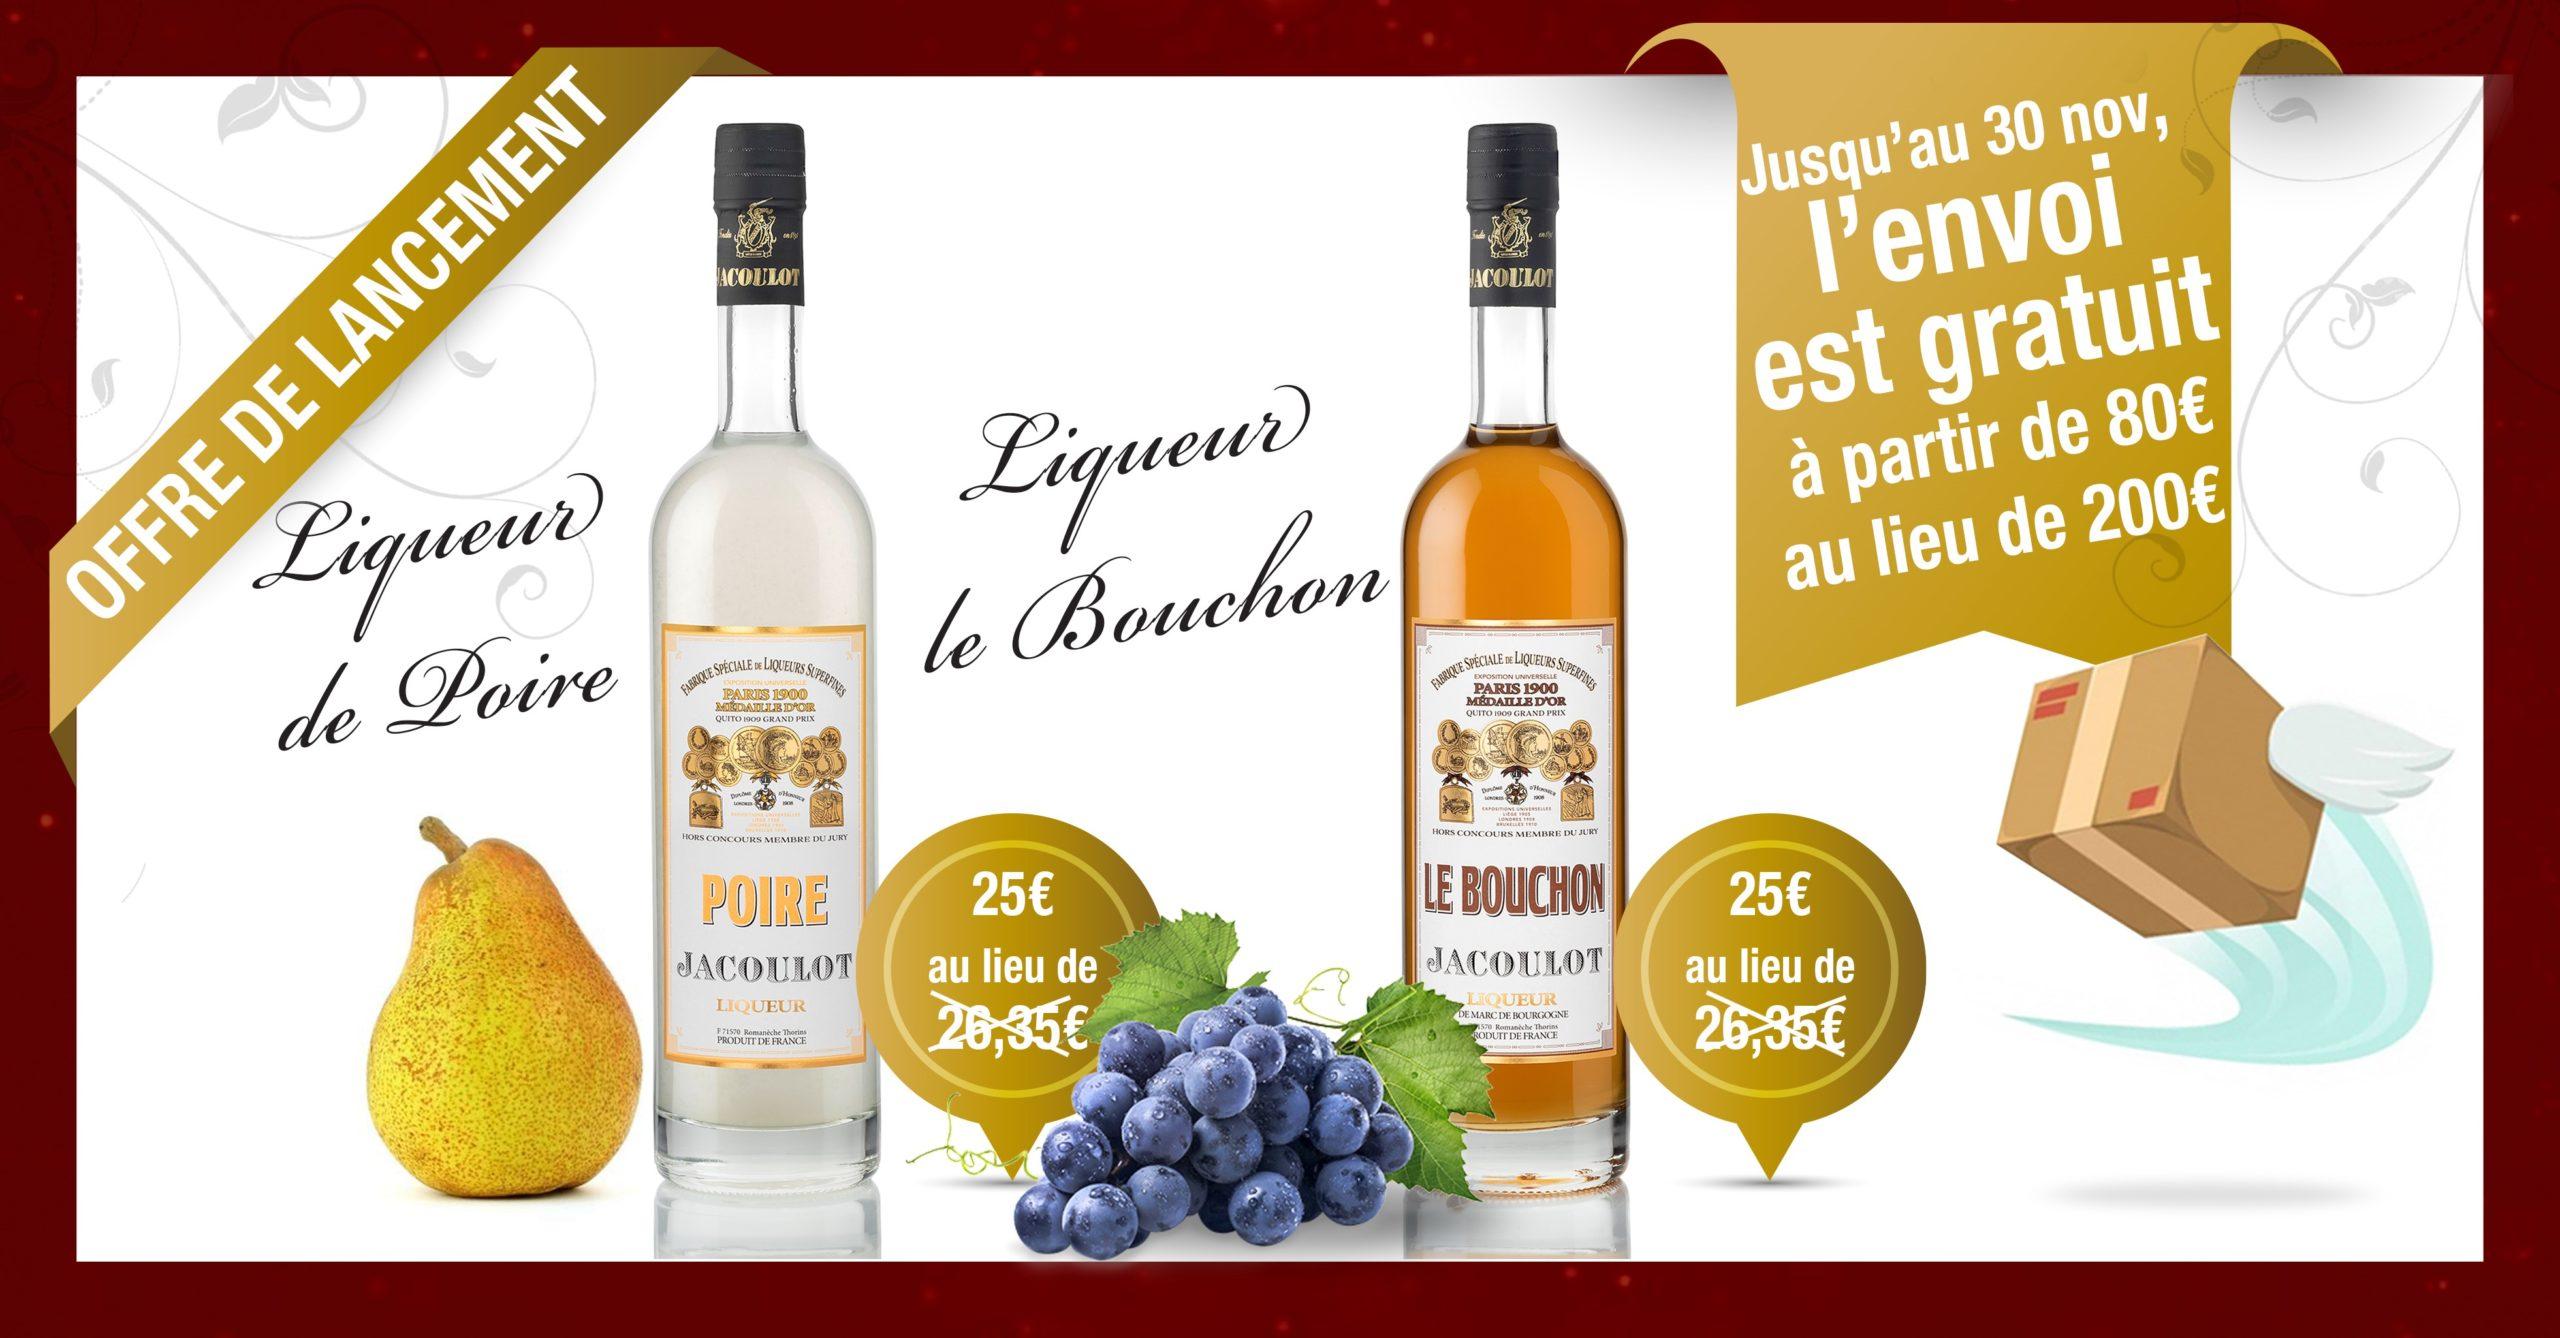 Jacoulot-Nouveautés-liqueur-Poire-liqueur-Bouchon